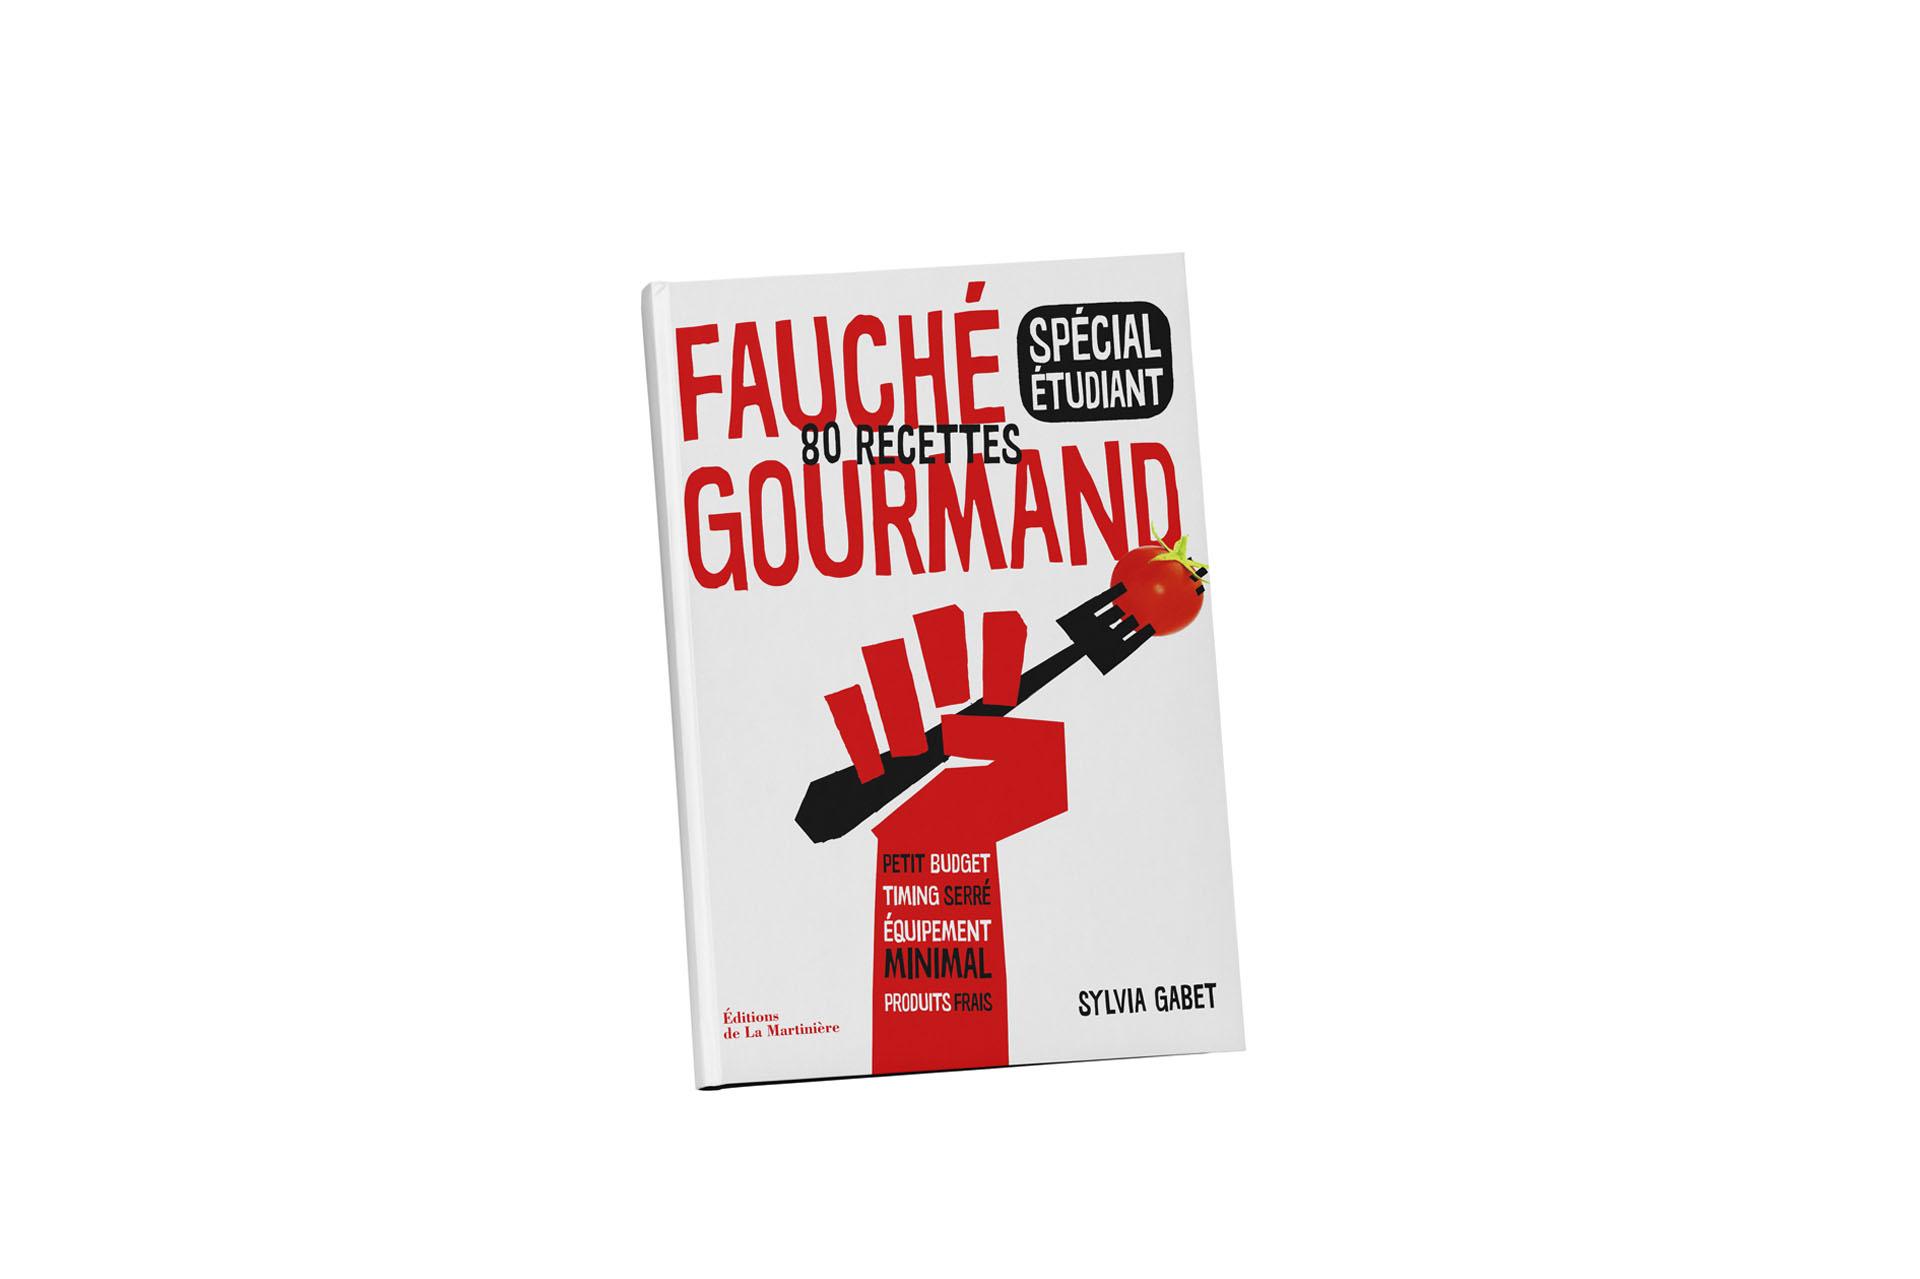 Fauché gourmand